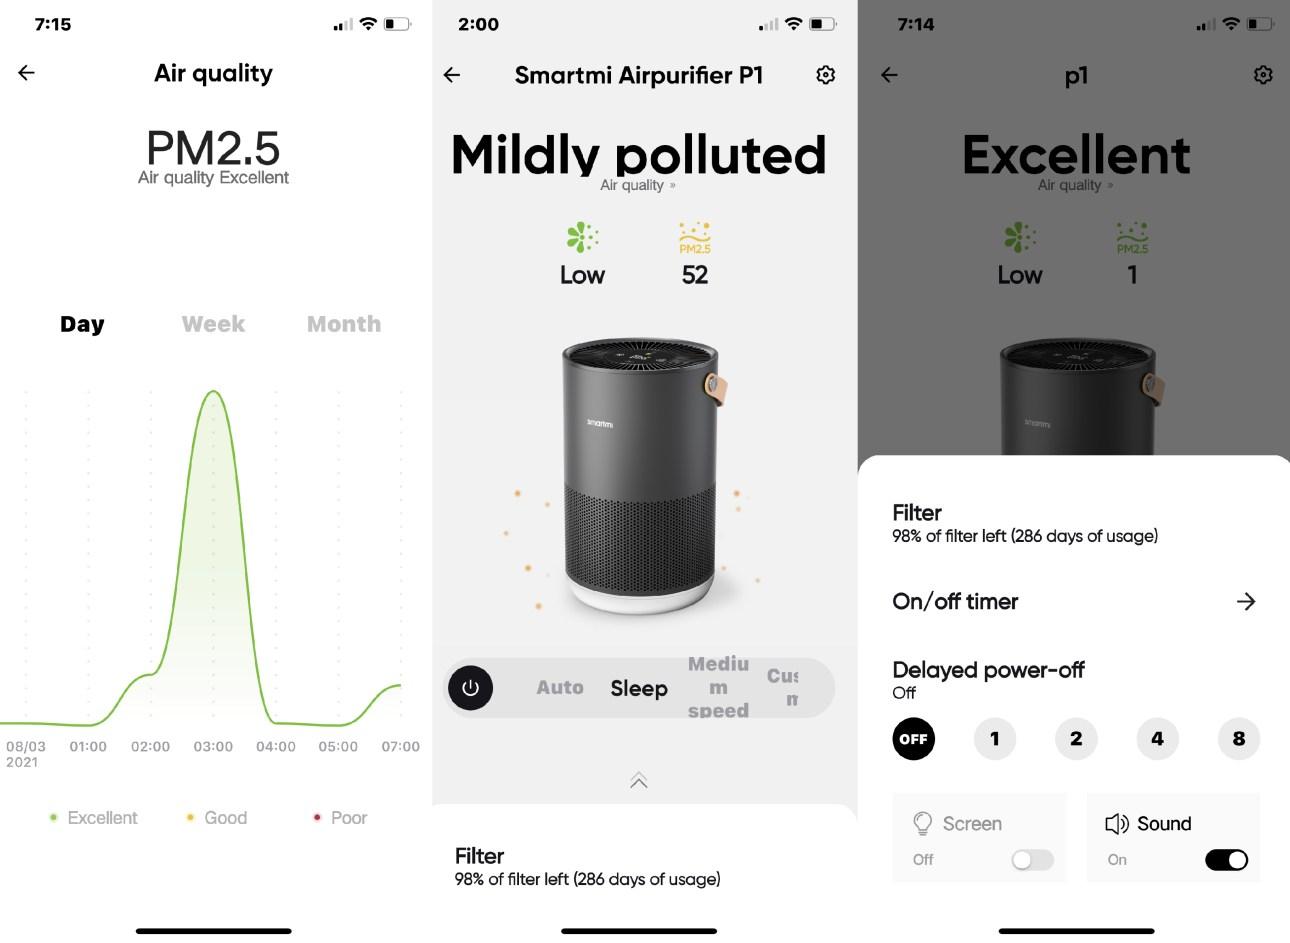 Экраны мобильного приложения Smartmi Link, показывающие уровни качества воздуха, информацию об устройстве и настройки таймера